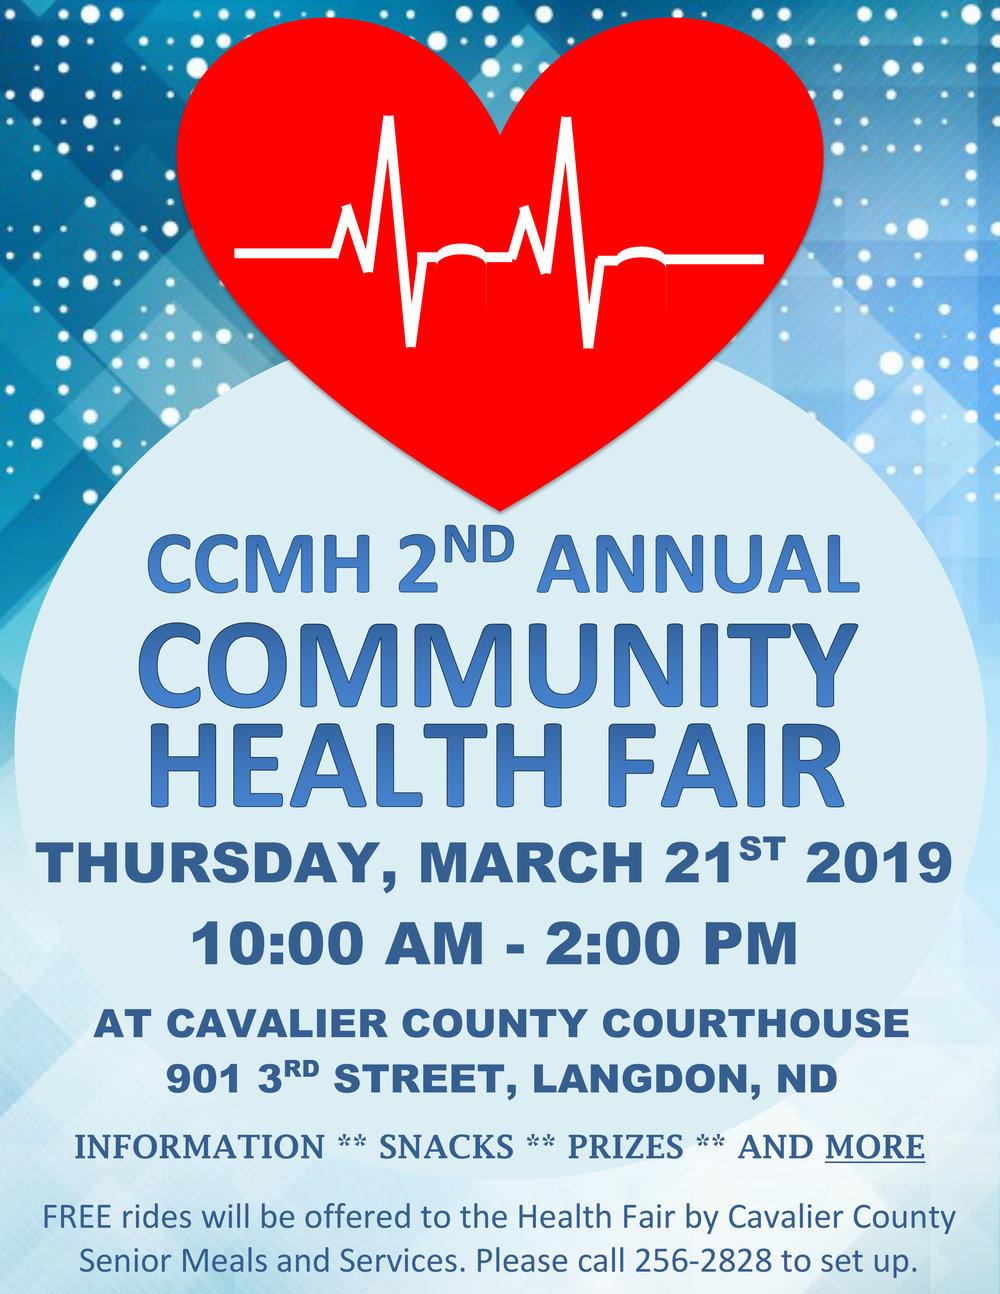 Health_Fair_Poster.jpg